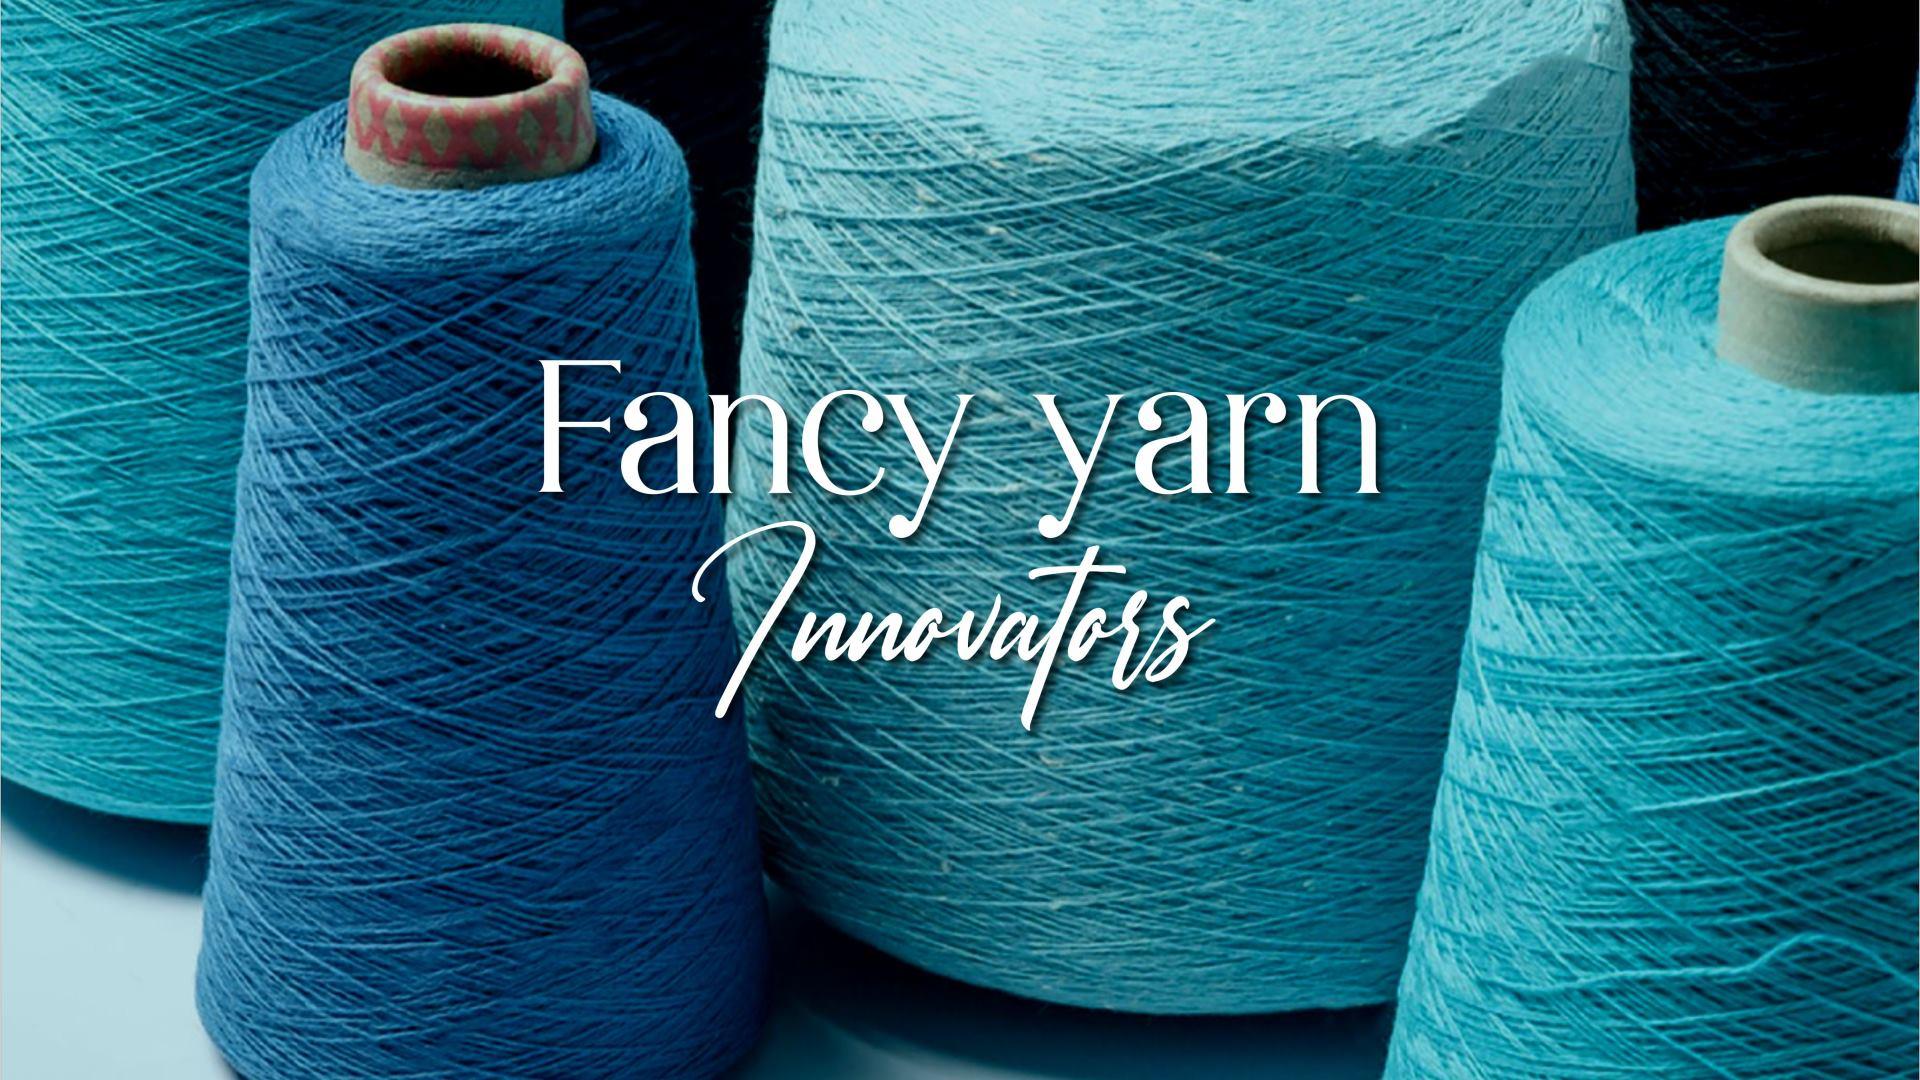 Fancy yarn Innovators